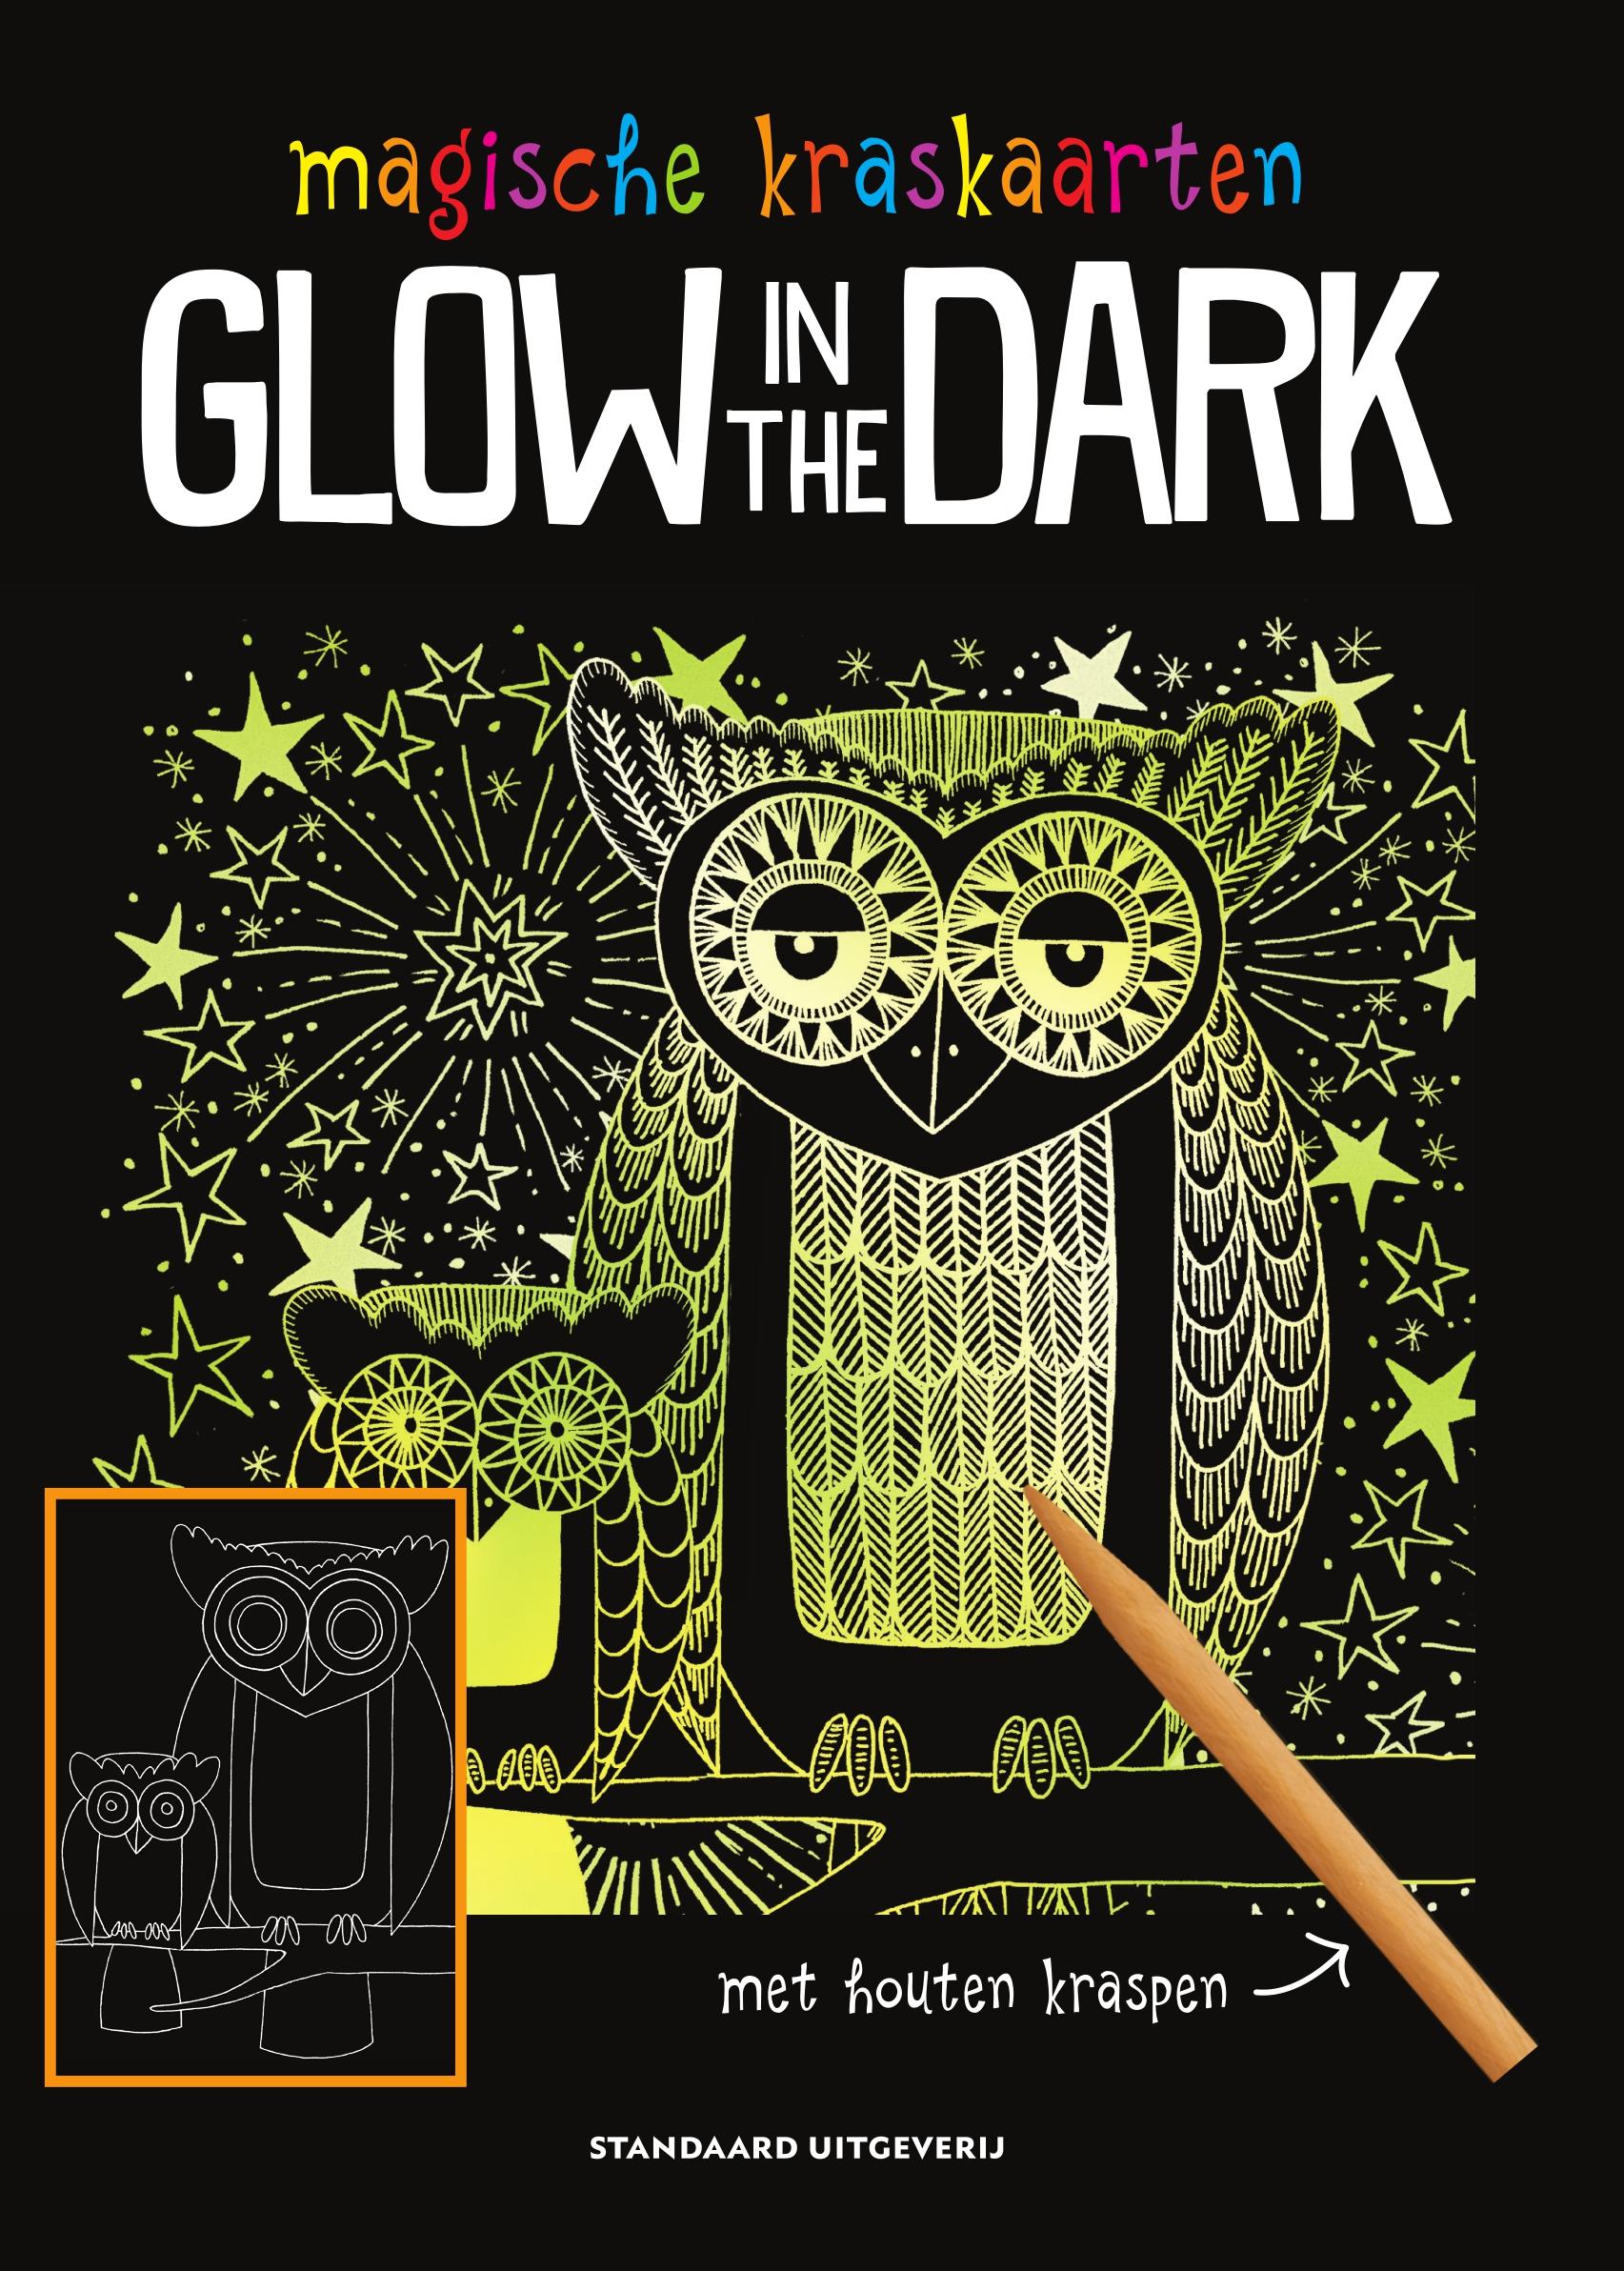 Kraskaarten Glow in the dark